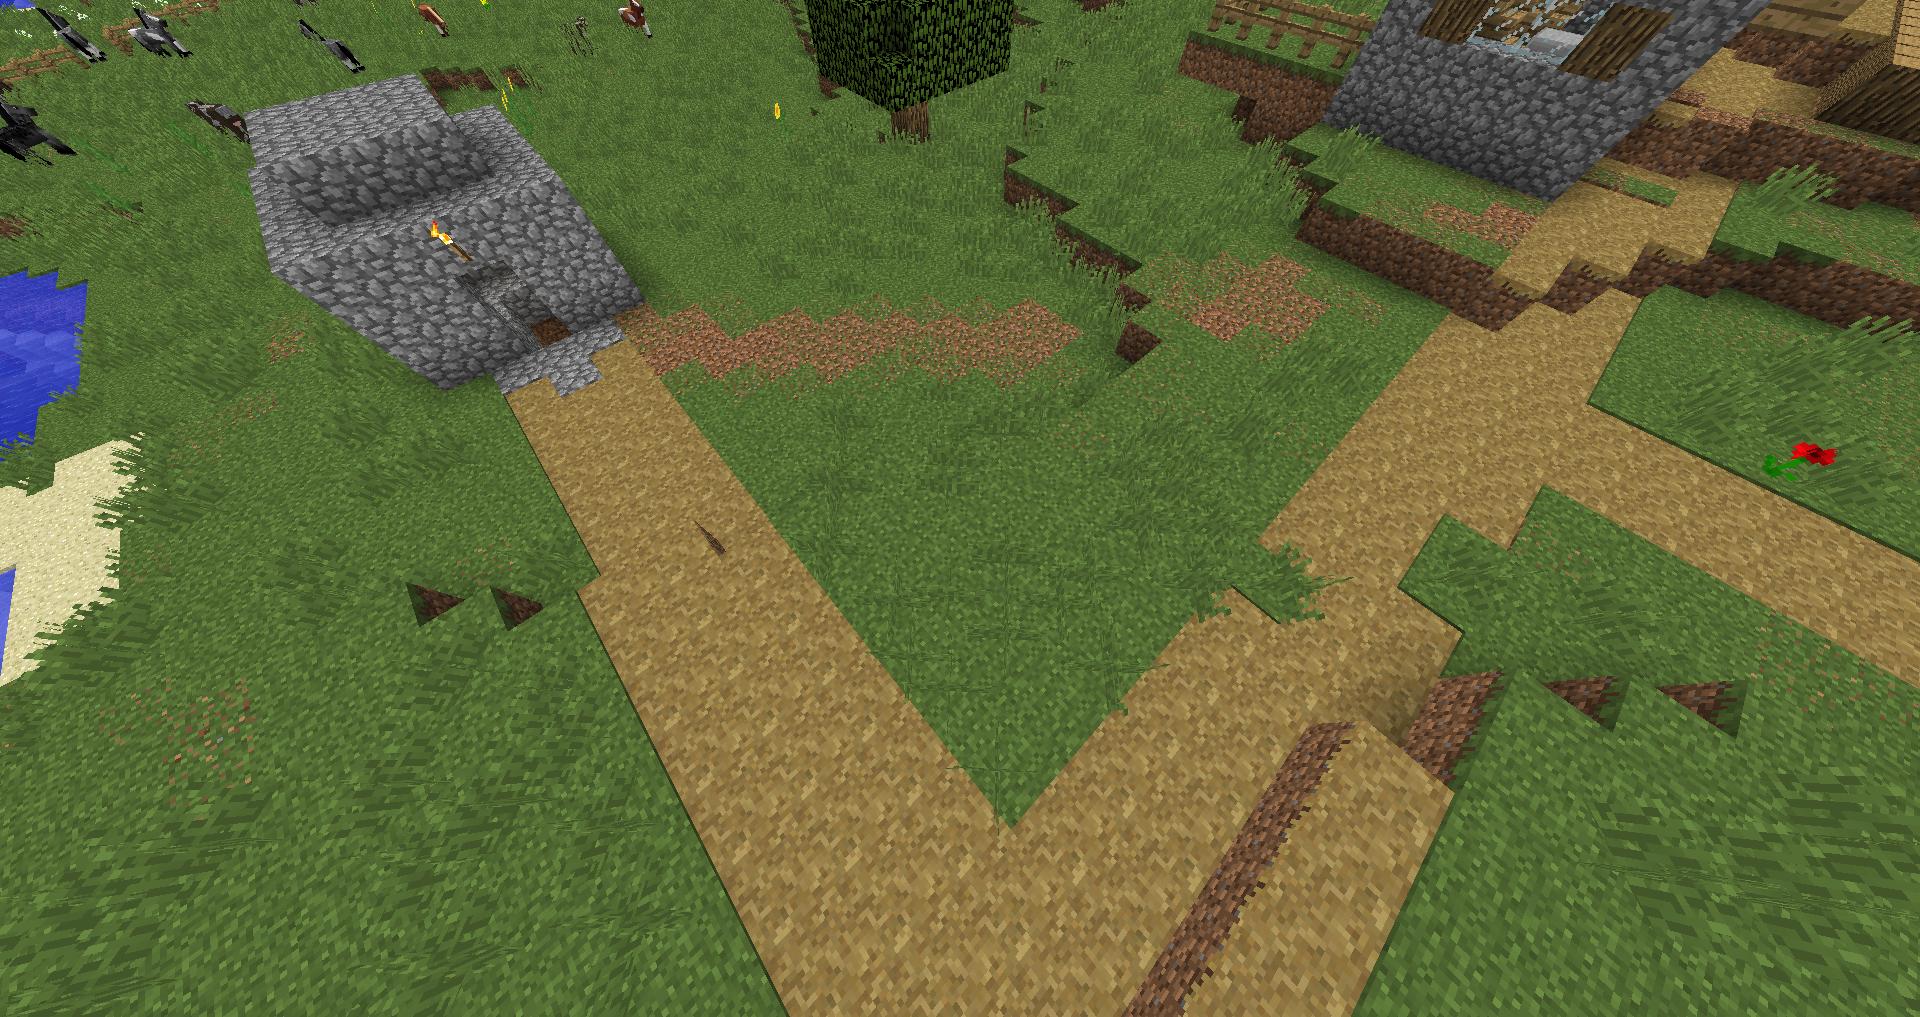 DesirePaths - Mods - Minecraft - CurseForge